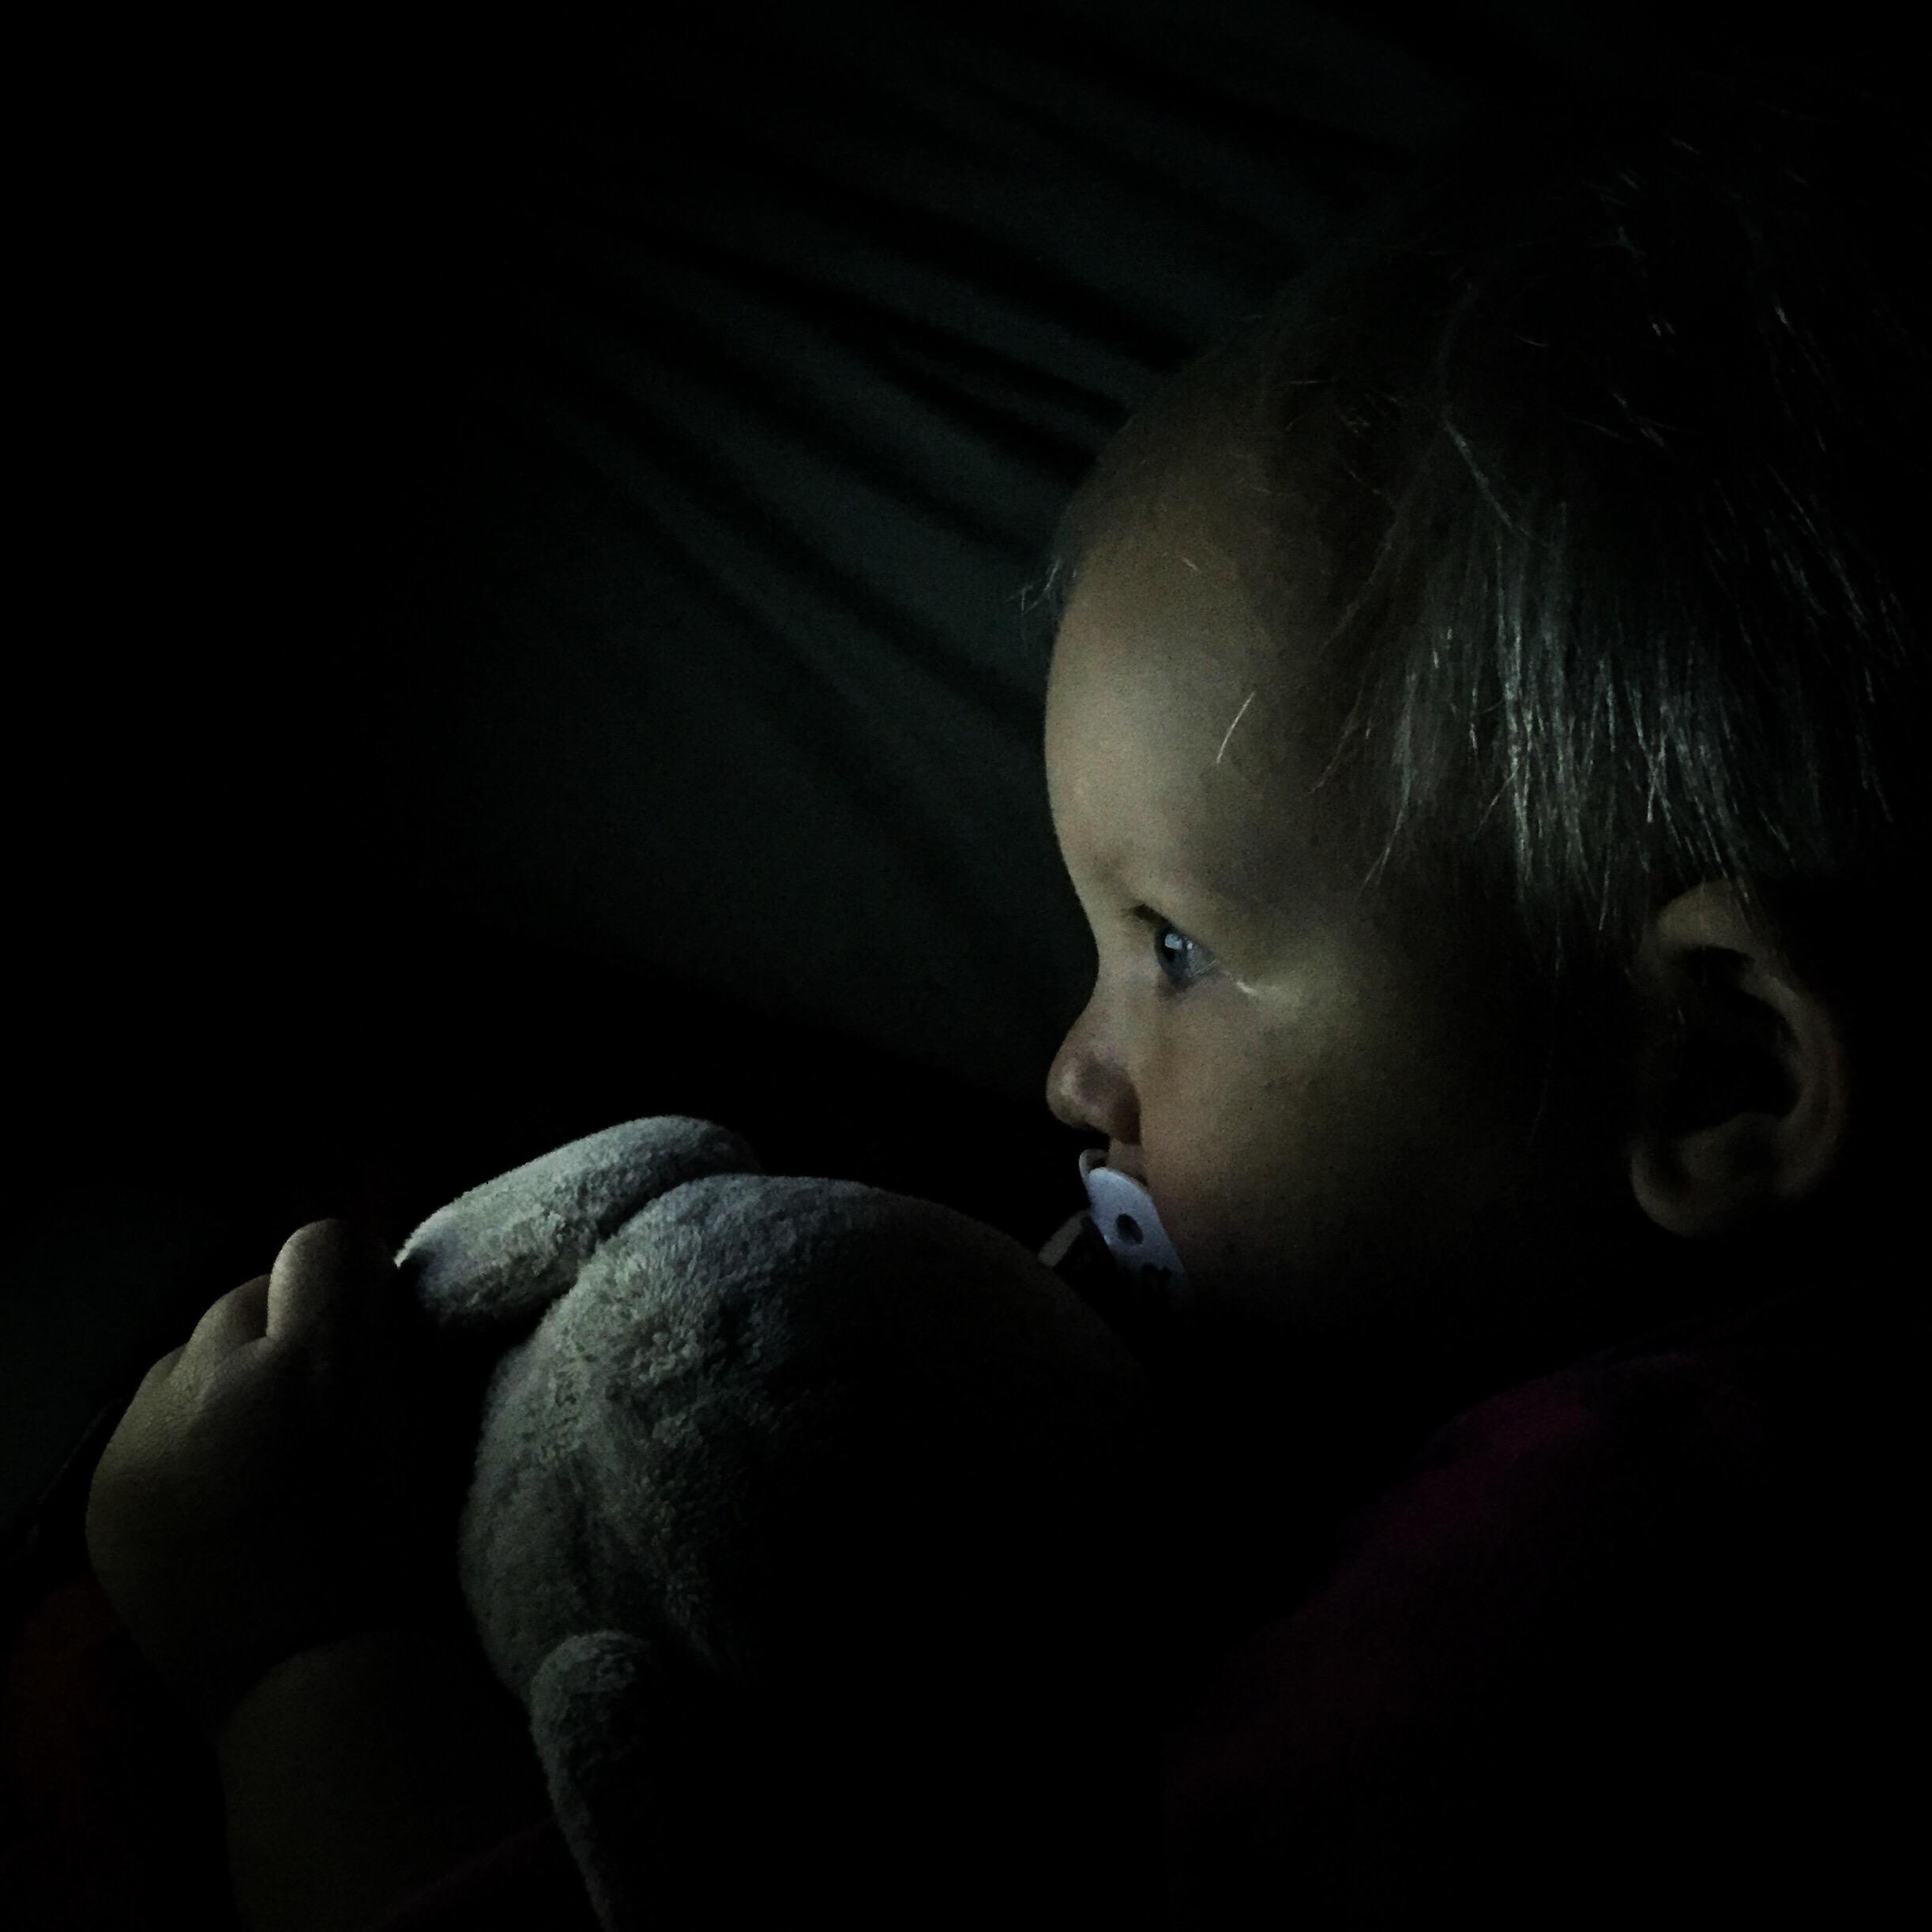 Van die nachten die je liever vergeet. Ik lag zo vroeg in bed omdat ik zo moe was. Na nog geen kwartier slapen werd Liza wakker en ging niet meer verder slapen. Uiteindelijk heb ik het logeerbed opgemaakt en heb ons daarin gelegd. Zij keek Peppa Pig en ik een stomme film. Drastische maatregelen, maar zo lag ik in ieder geval op bed..